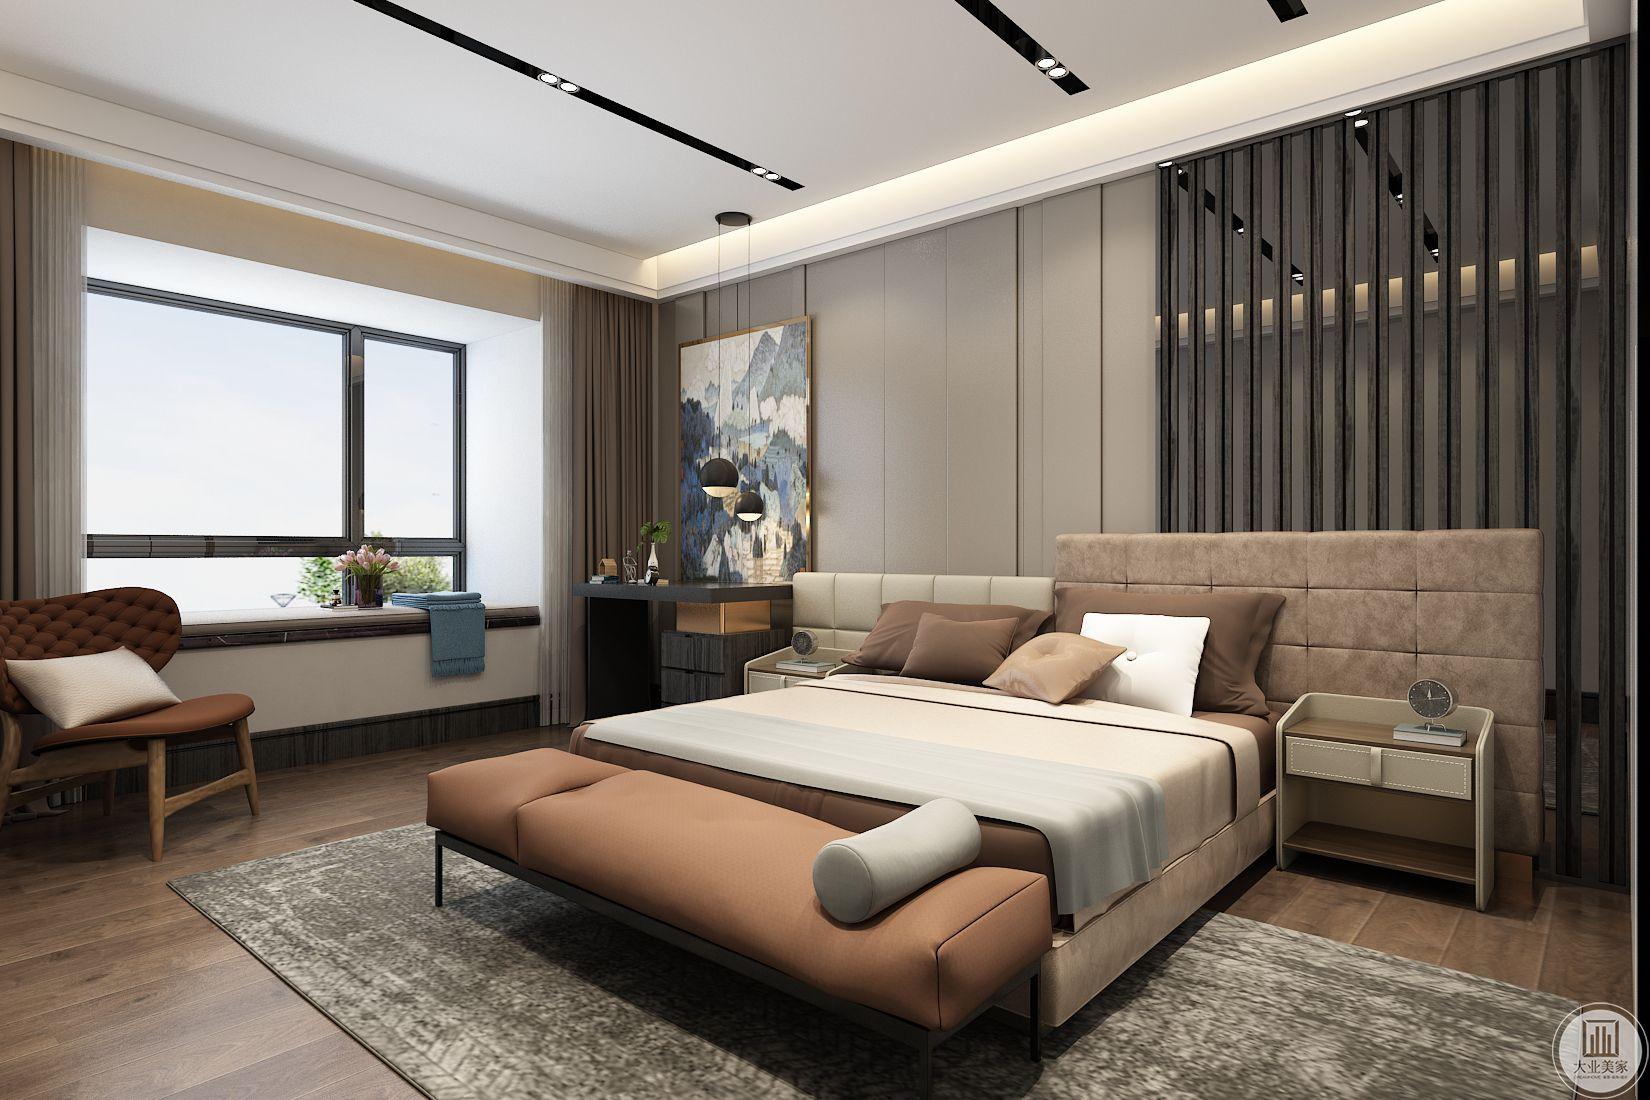 卧室装修效果图:卧室整体采用温馨的暖色,床头背景墙一半使用金属条纹,突出整个空间现代风格设计,窗户采用飘窗增大空间容量。